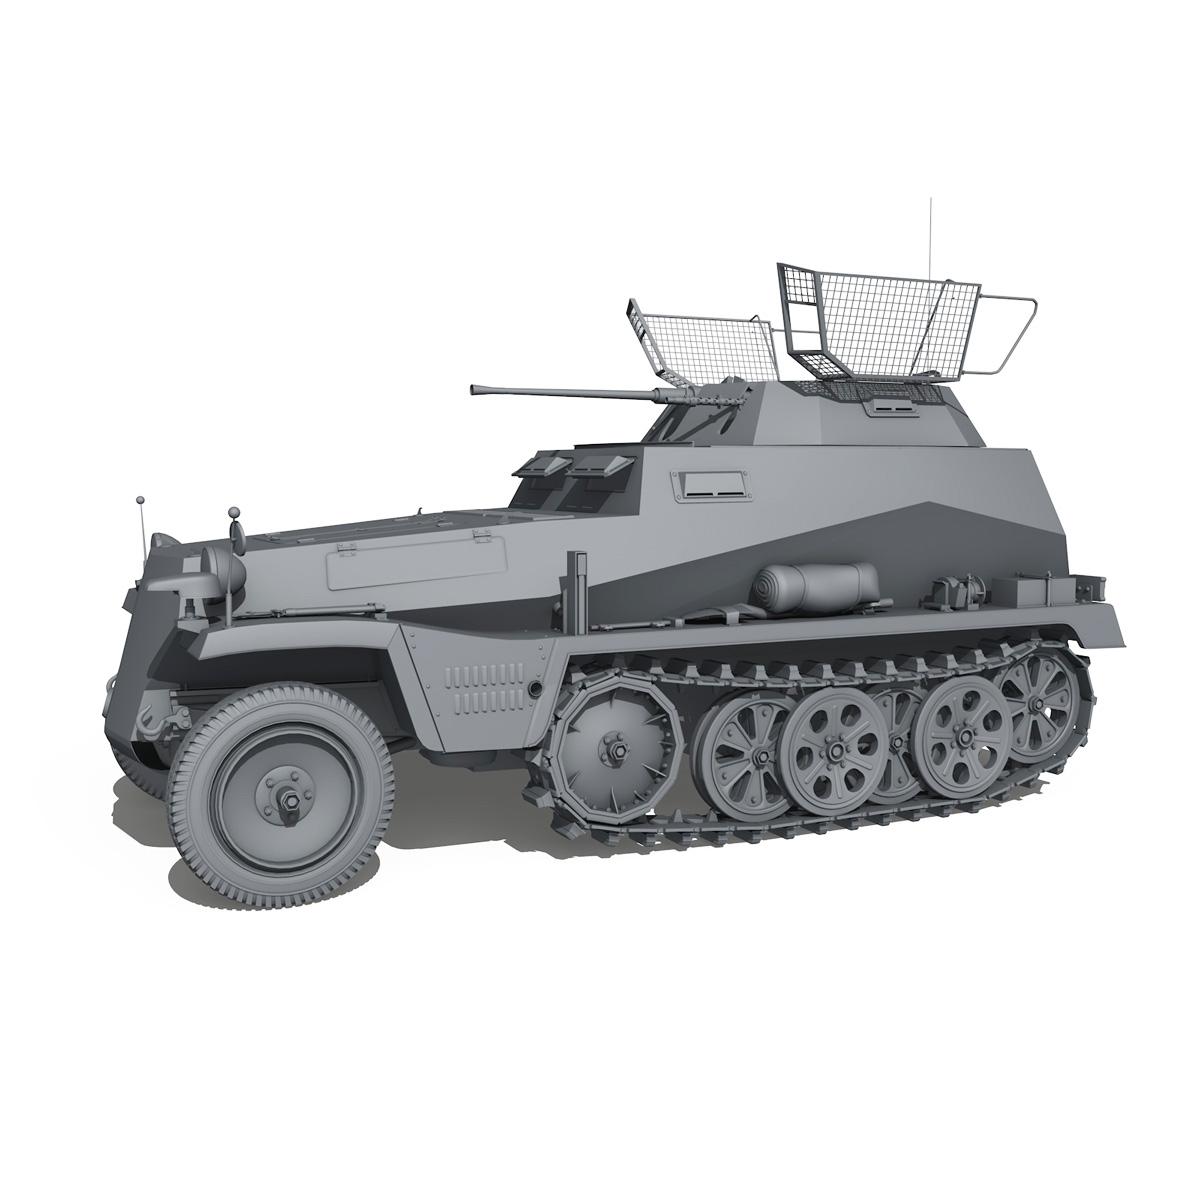 sd.kfz 250/9 – half-track reconnaissance vehicle 3d model 3ds fbx c4d lwo obj 202276